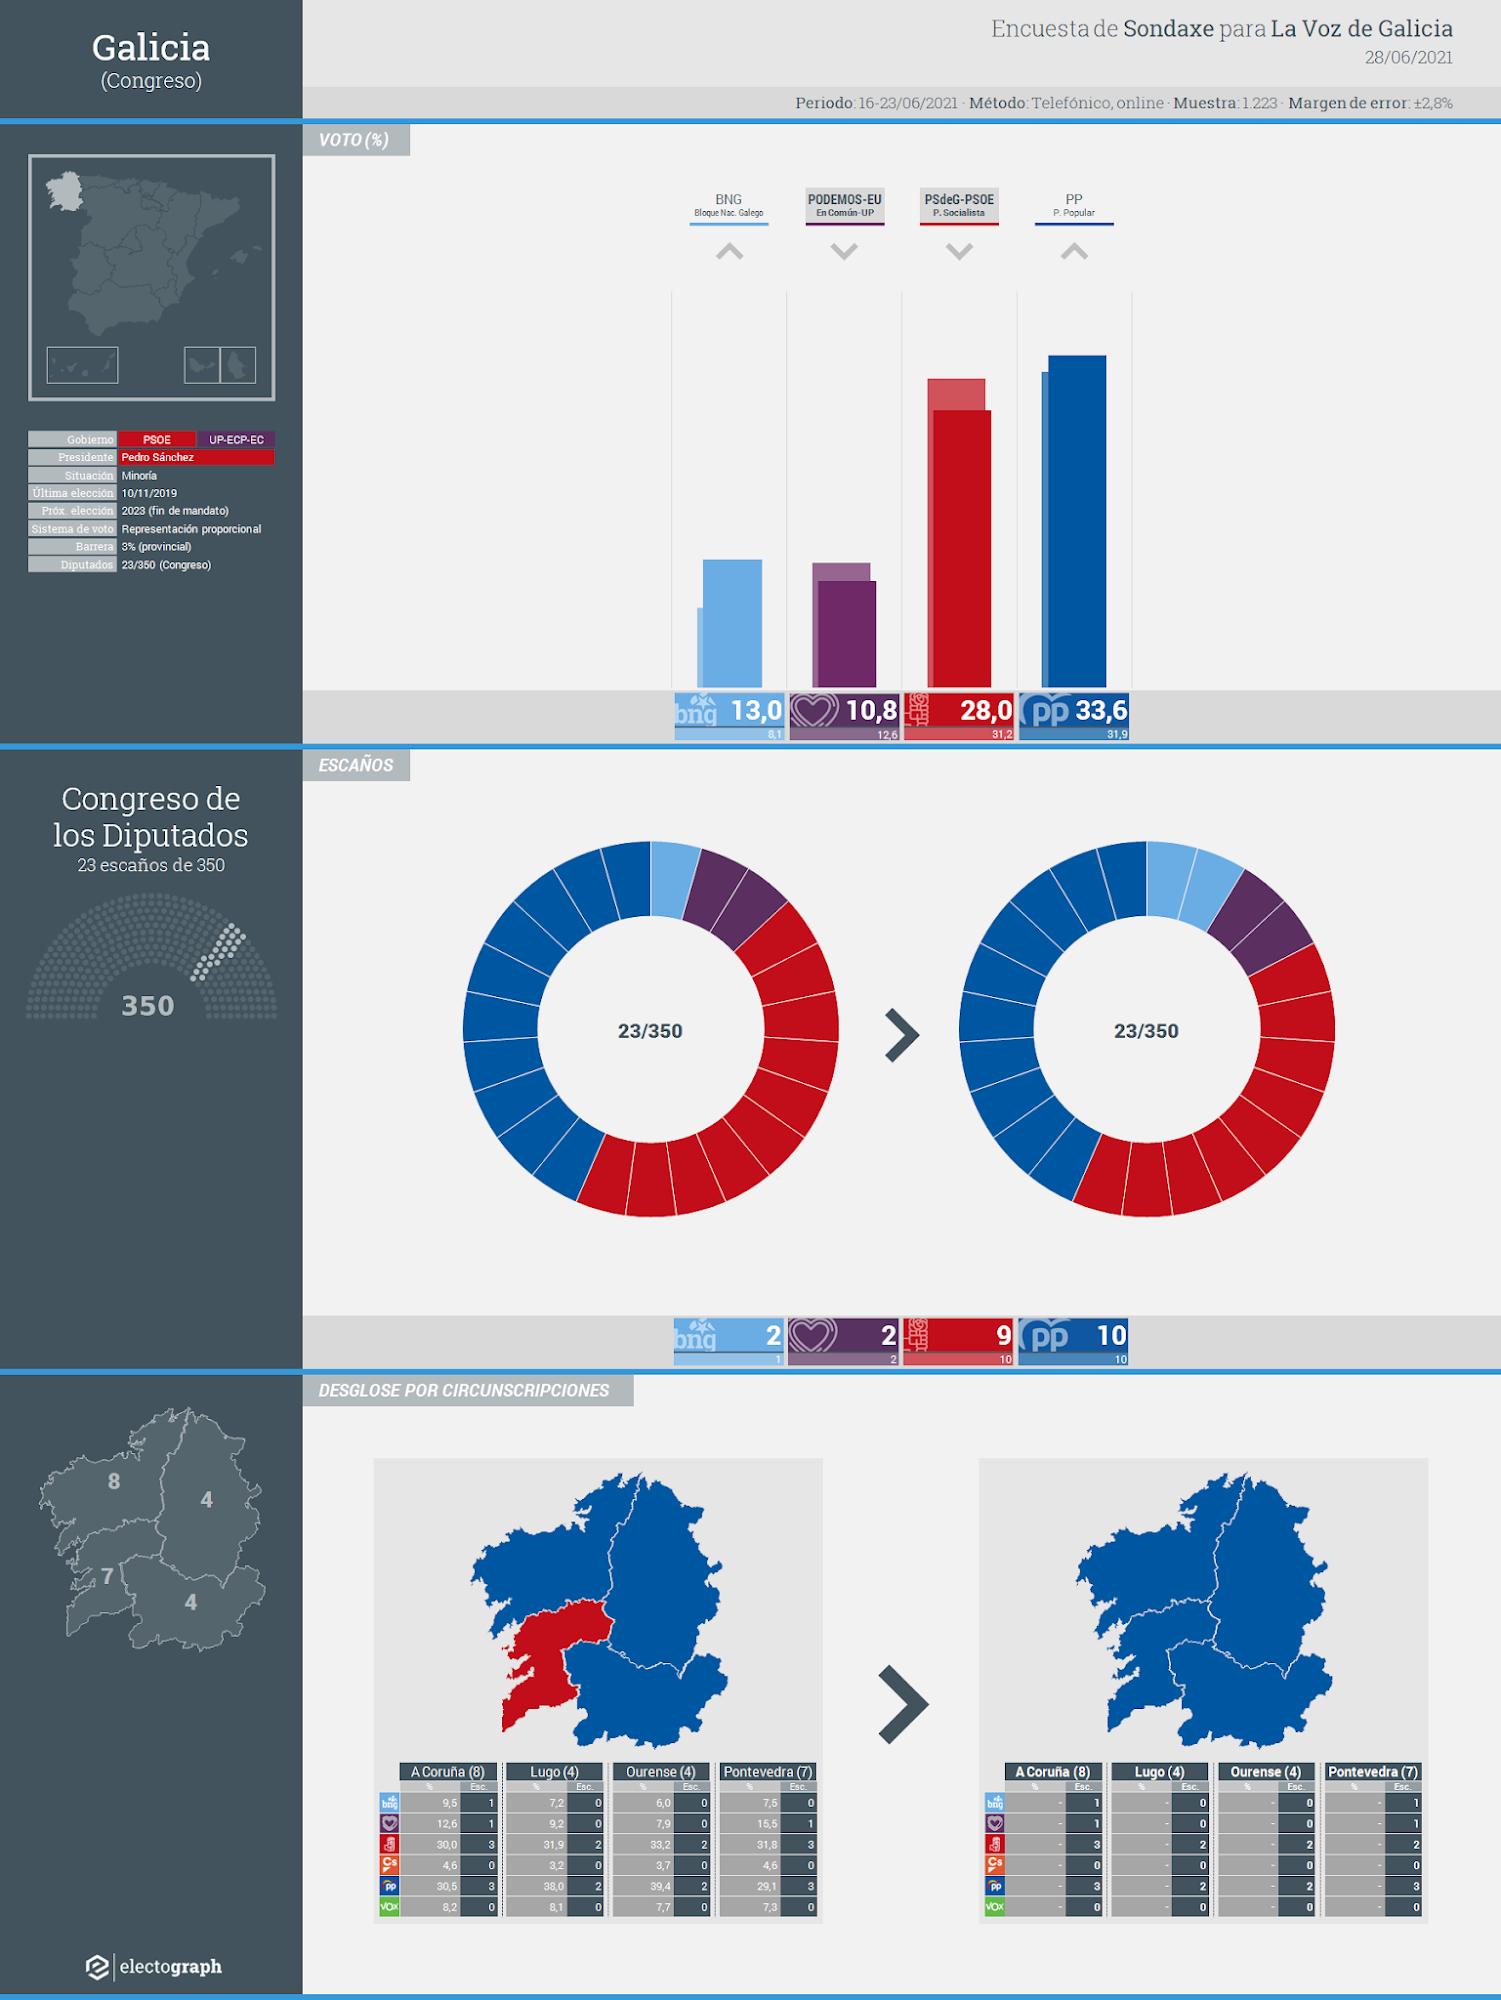 Gráfico de la encuesta para elecciones generales en Galicia realizada por Sondaxe para La Voz de Galicia, 28 de junio de 2021